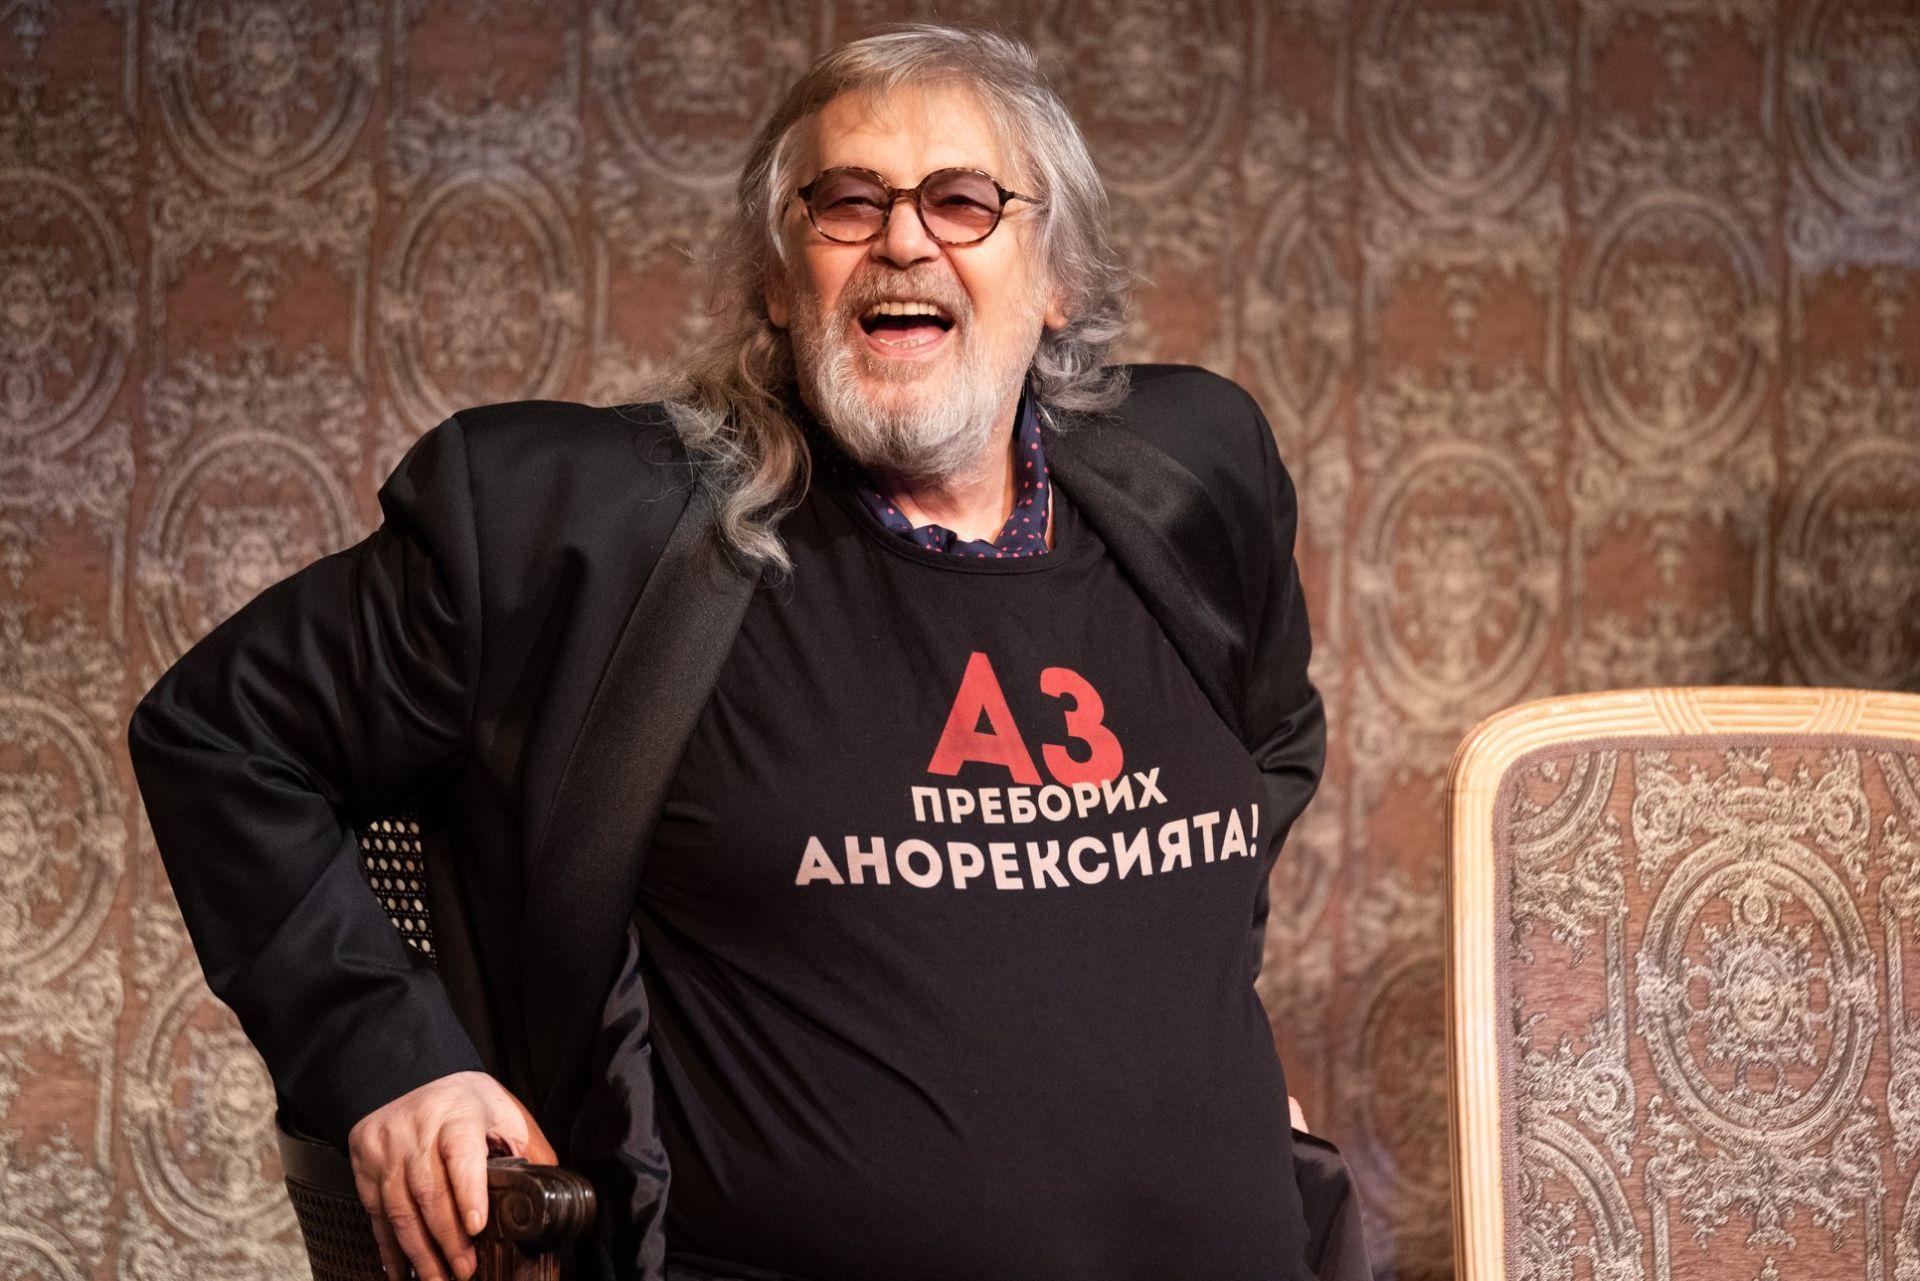 В края на август Стефан Данаилов пострада тежко след падане.